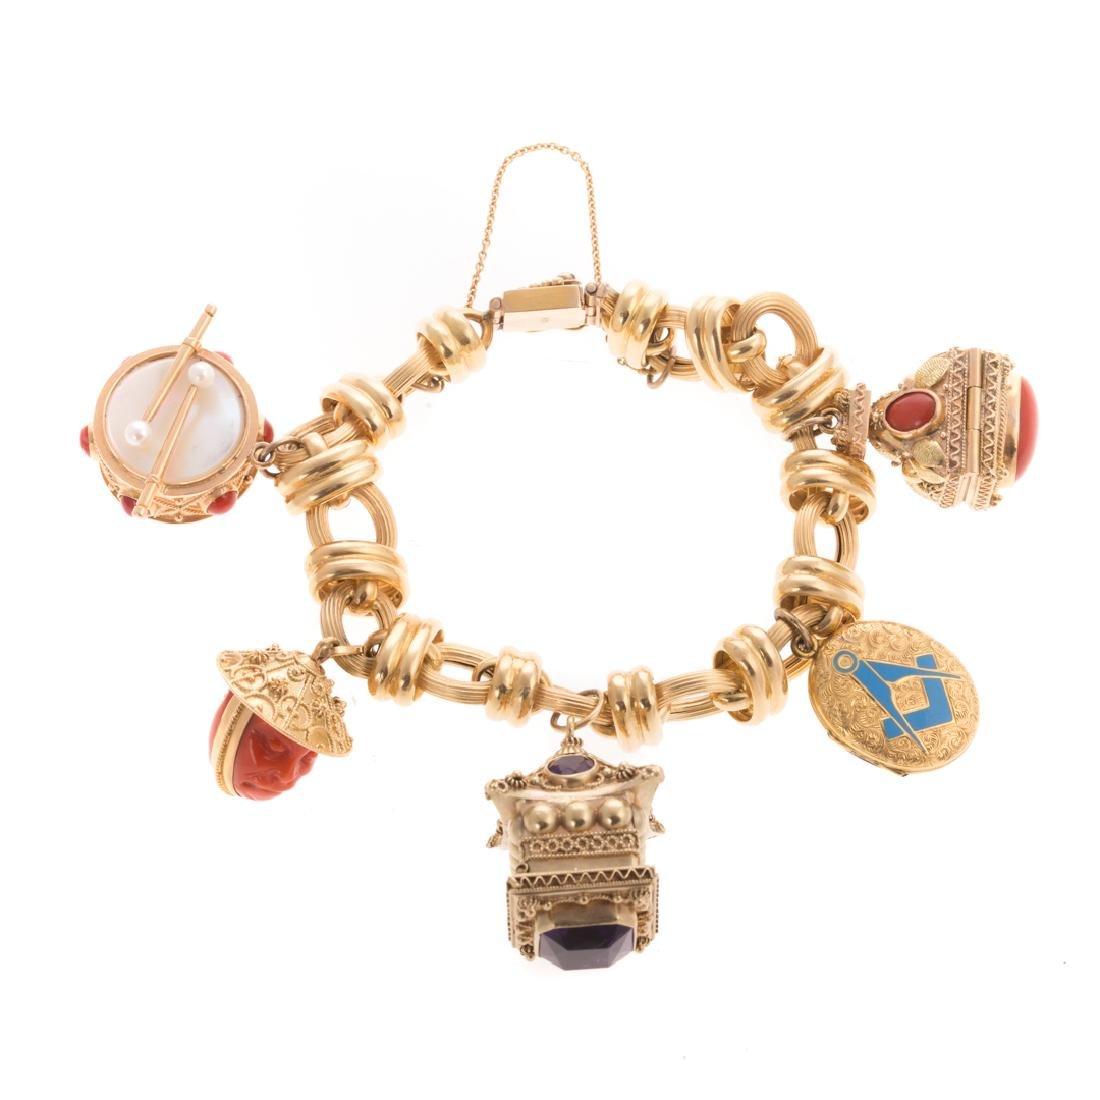 A Wide 14K Charm Bracelet with 5 Gemstone Charms